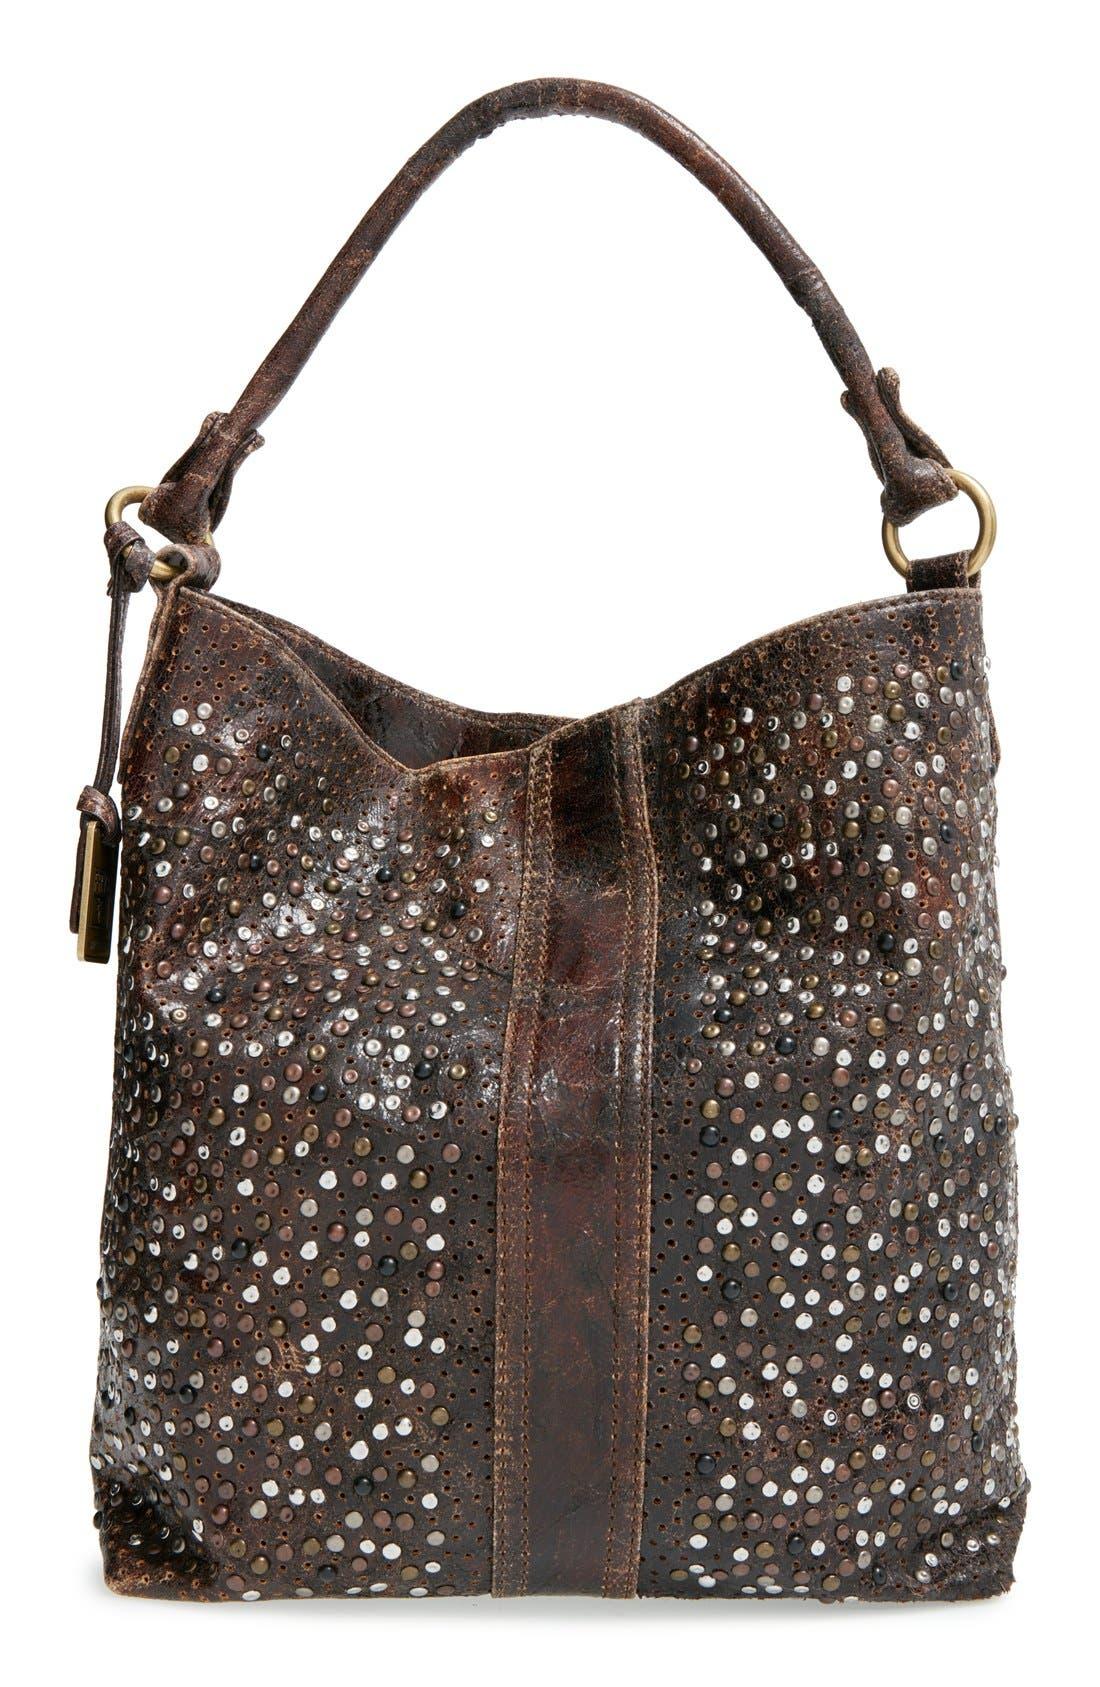 Alternate Image 1 Selected - Frye 'Deborah' Studded Shoulder Bag